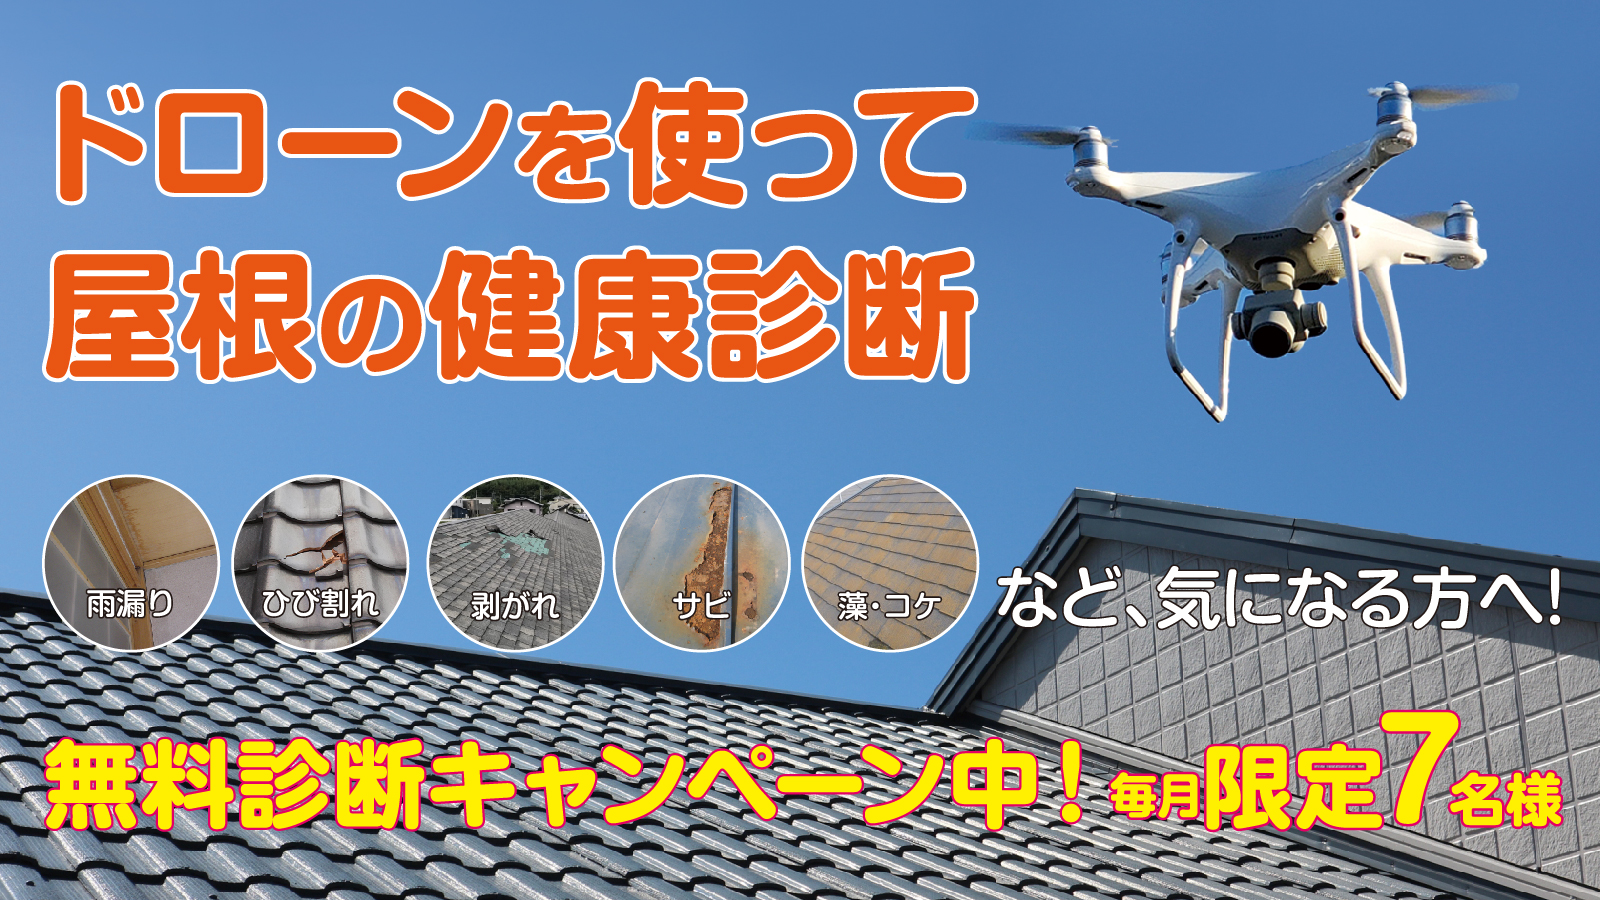 宇都宮市のリフォーム、リノベーション専門店|住まいる工務店:ドローンを使って屋根の健康診断